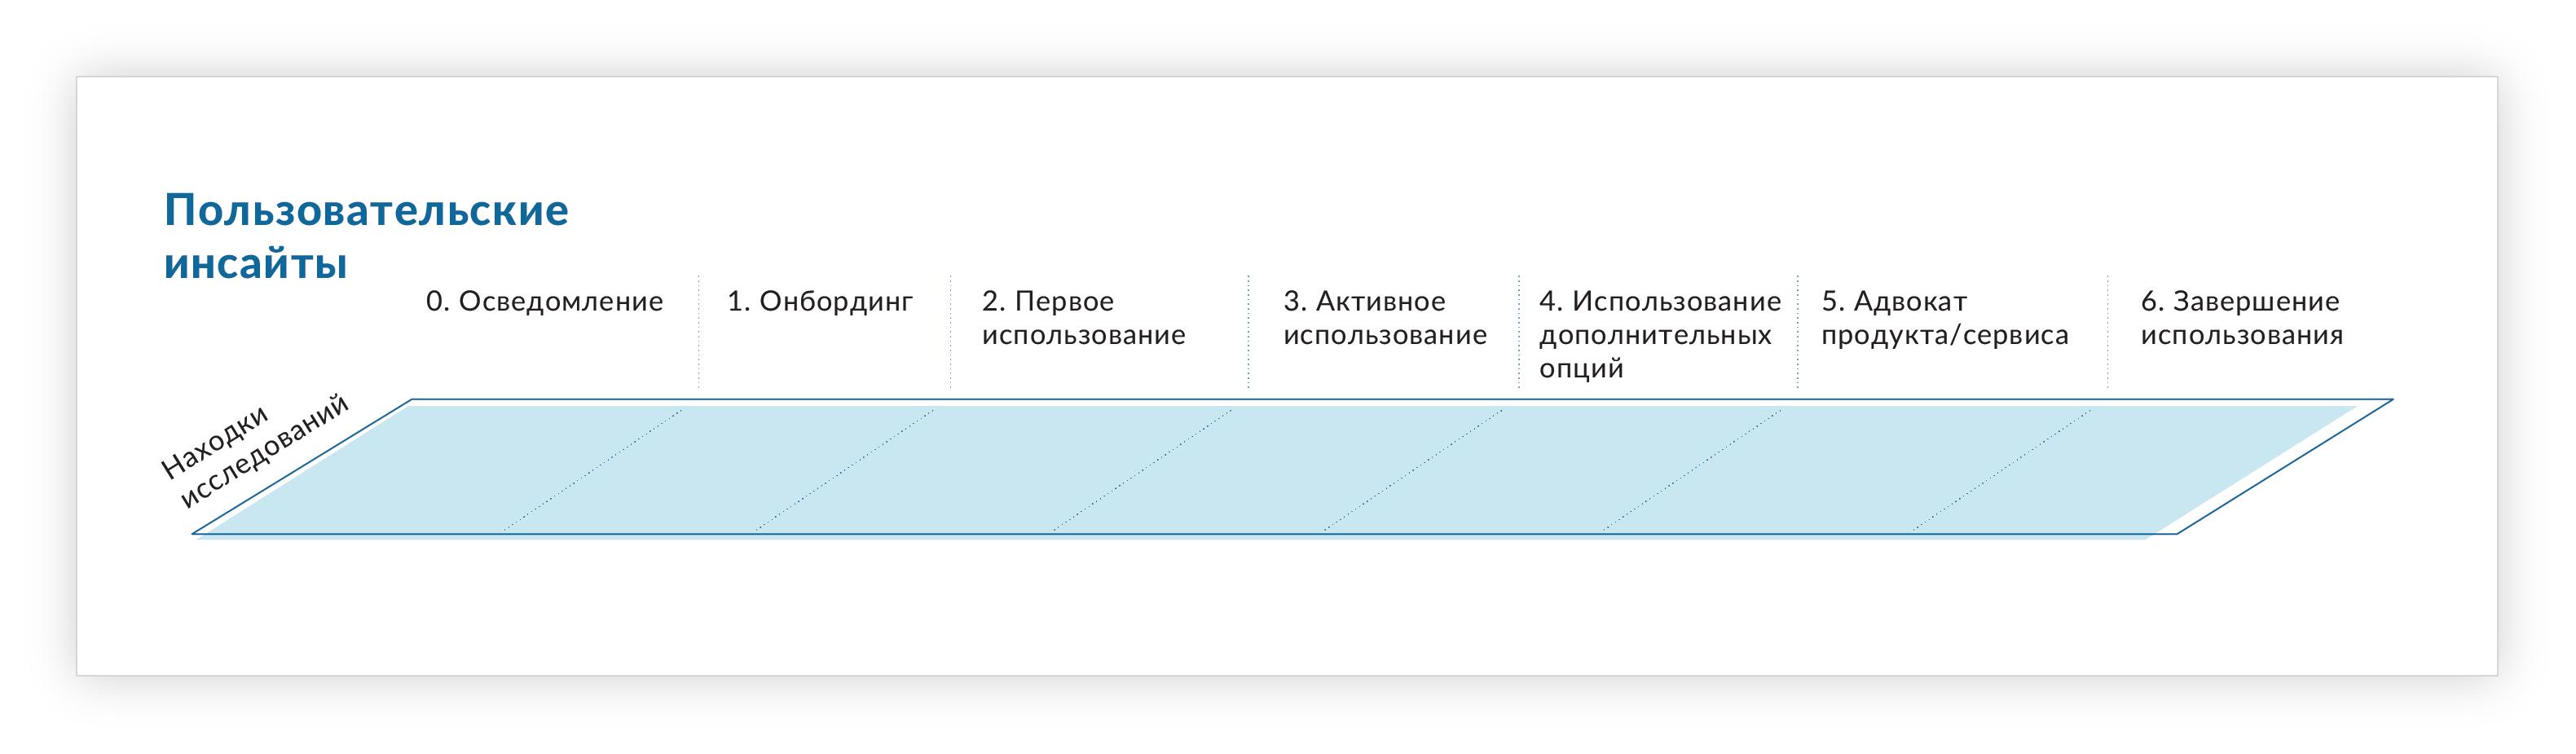 Пользовательские инсайты